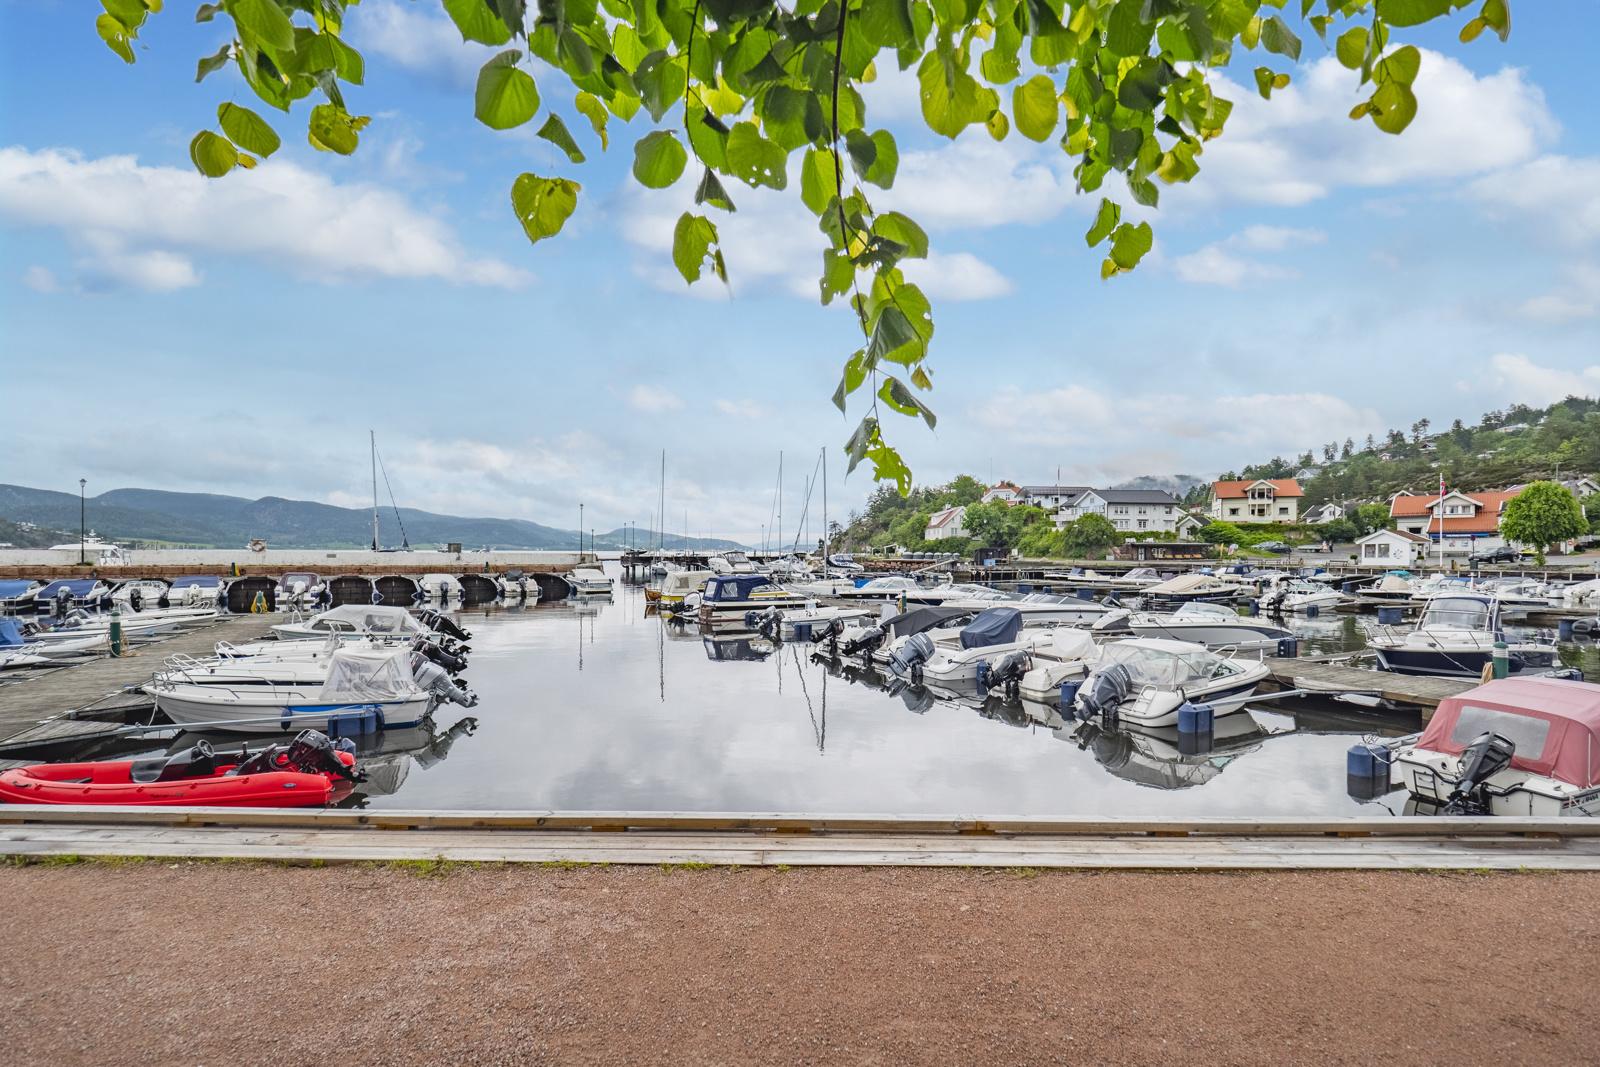 Holmsbu båthavn med mulighet for båtplass - Venteliste må påberegnes